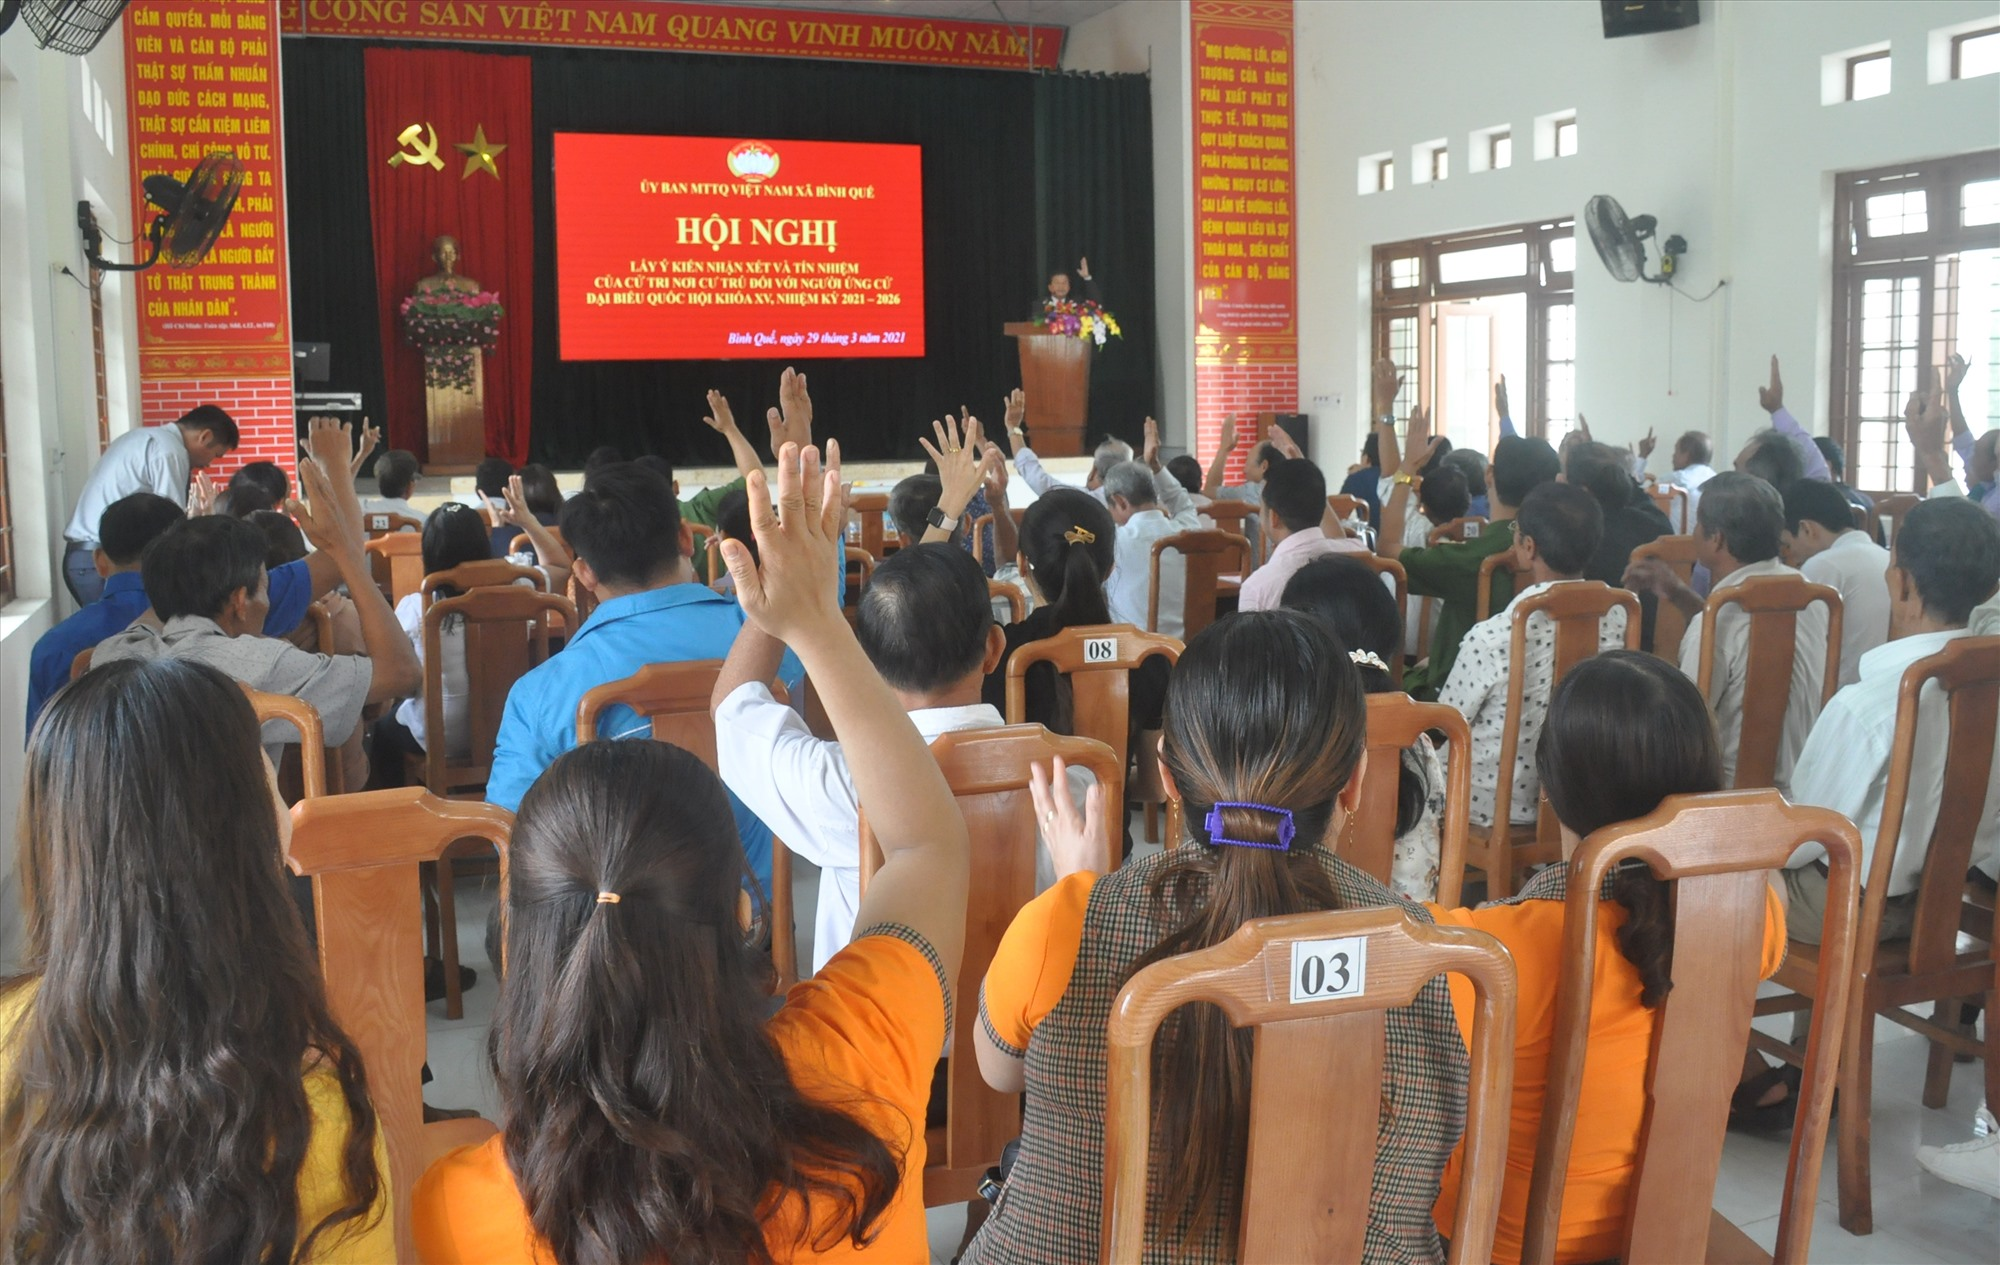 Cử tri thôn Bình Quang biểu quyết thống nhất với biên bản hội nghị được chủ trì hội nghị thông qua. Ảnh: N.Đ